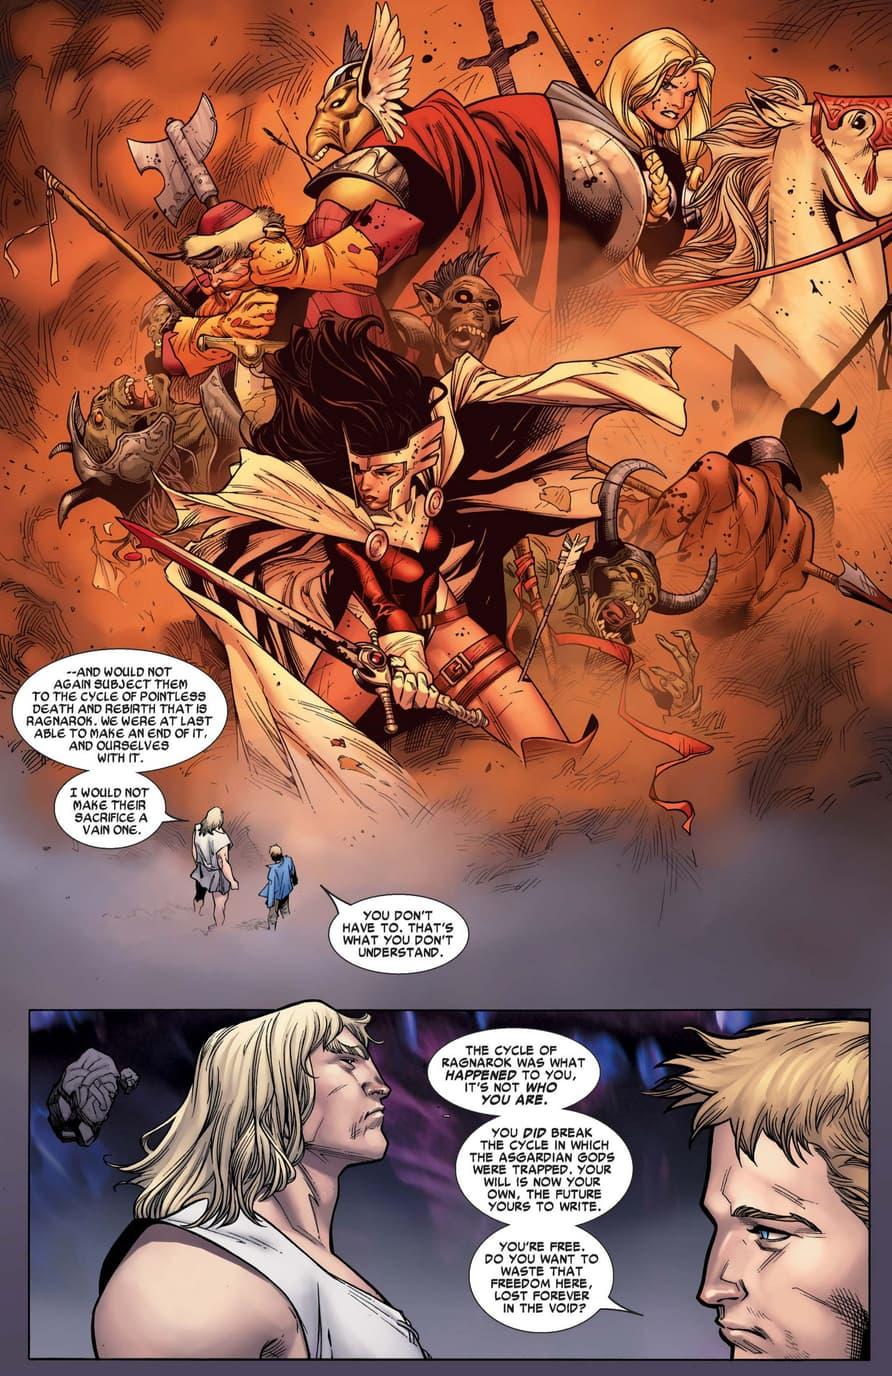 Olivier Coipel's Thor